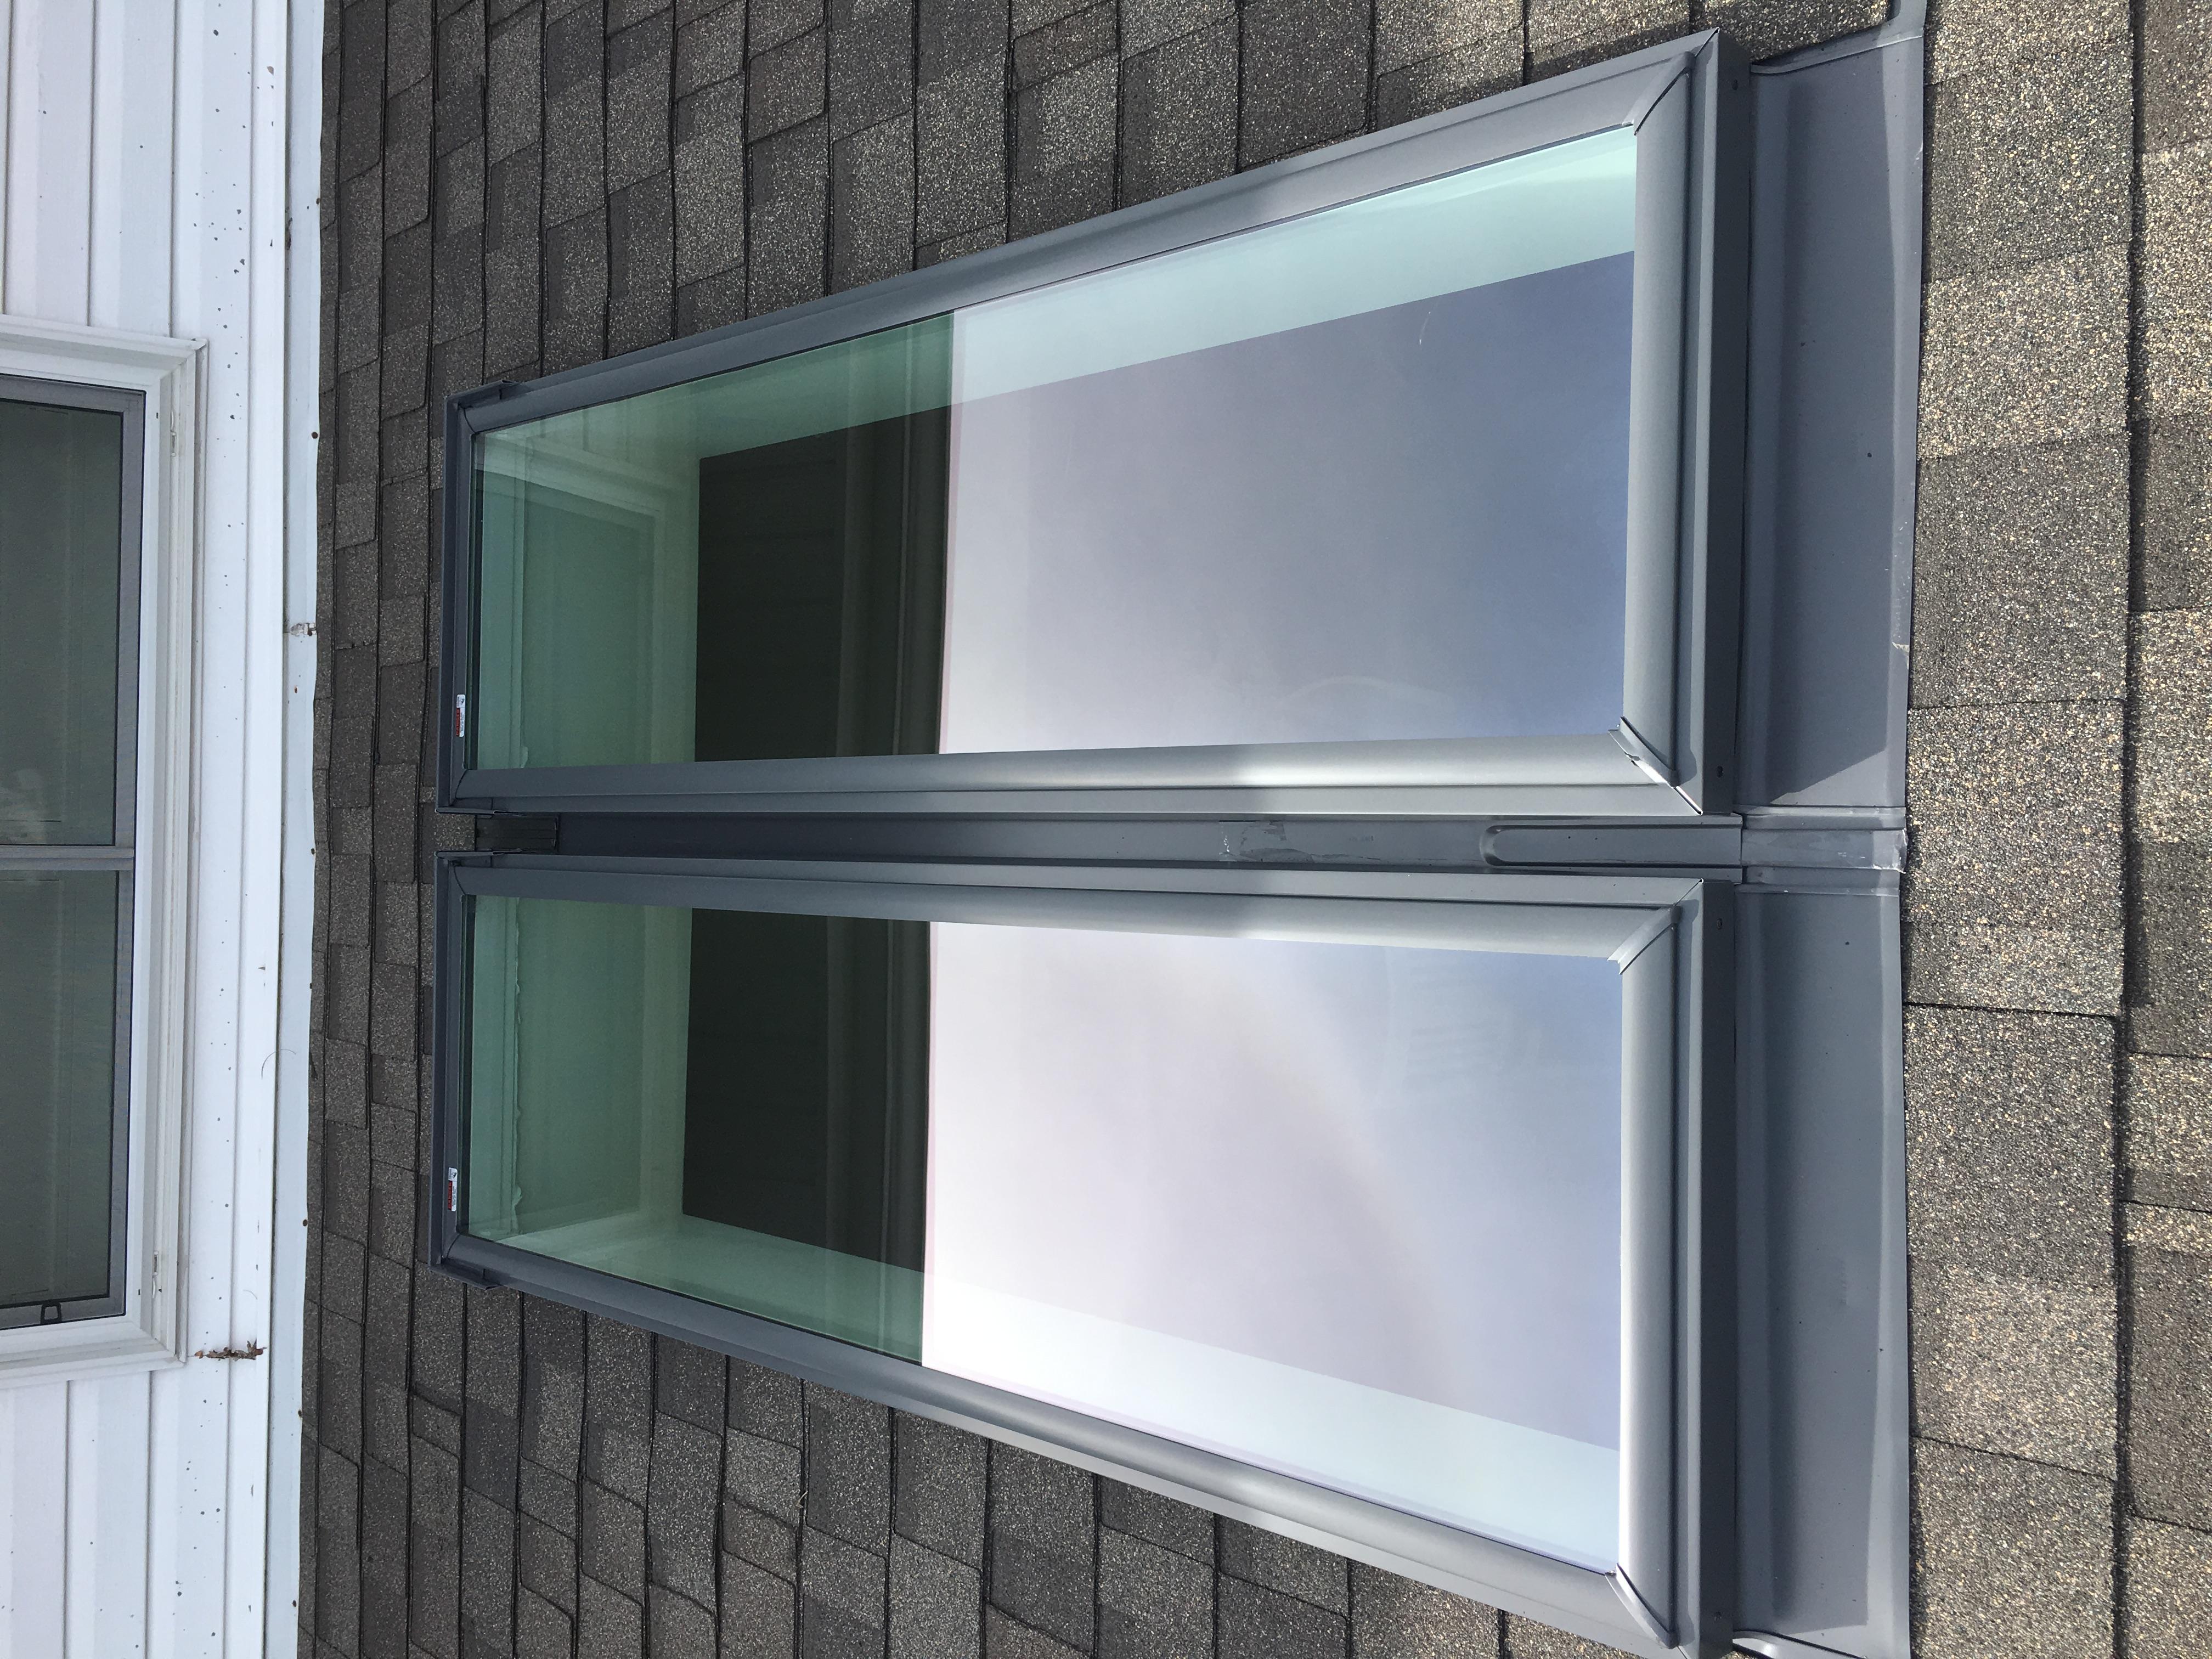 Ajax Skylight Repair